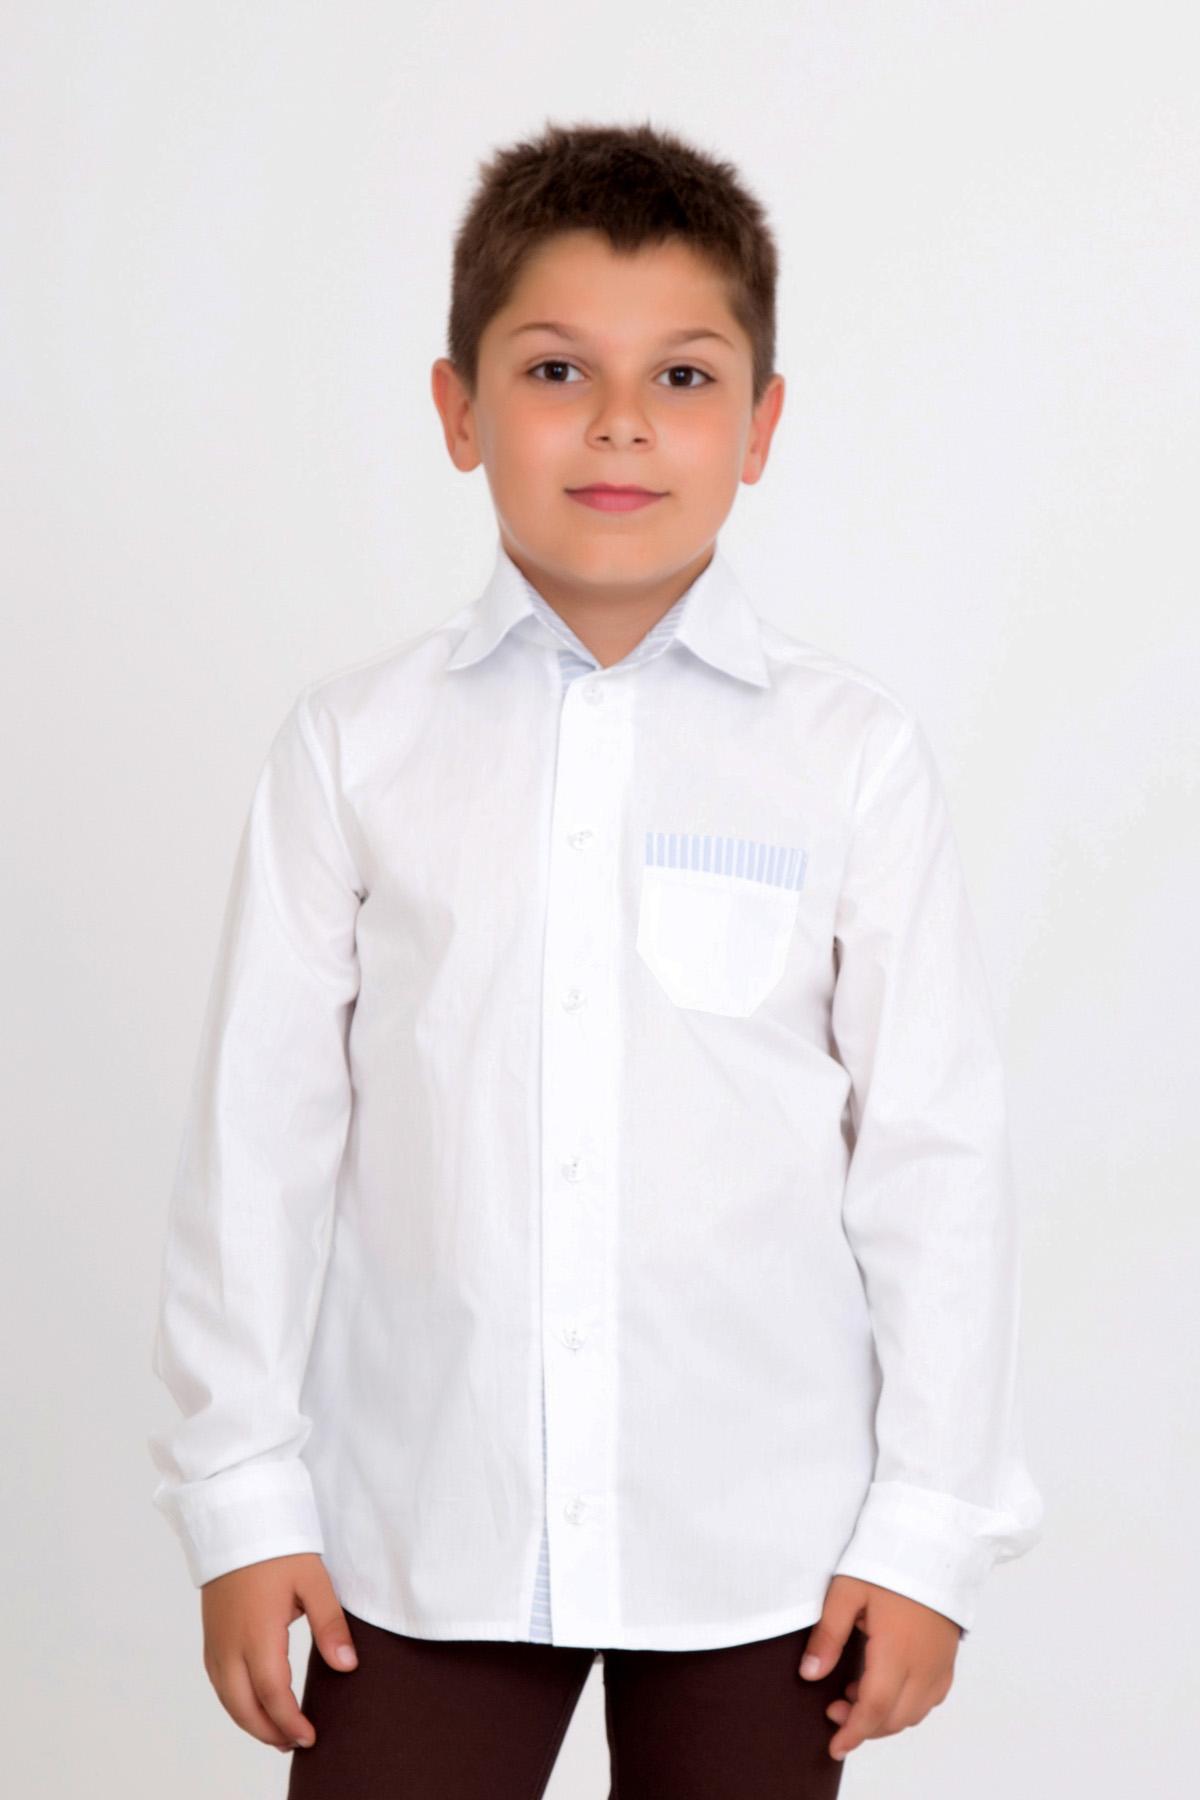 Дет. рубашка Елисей р. 34Толстовки, джемпера и рубашки<br><br><br>Тип: Дет. рубашка<br>Размер: 34<br>Материал: Перкаль